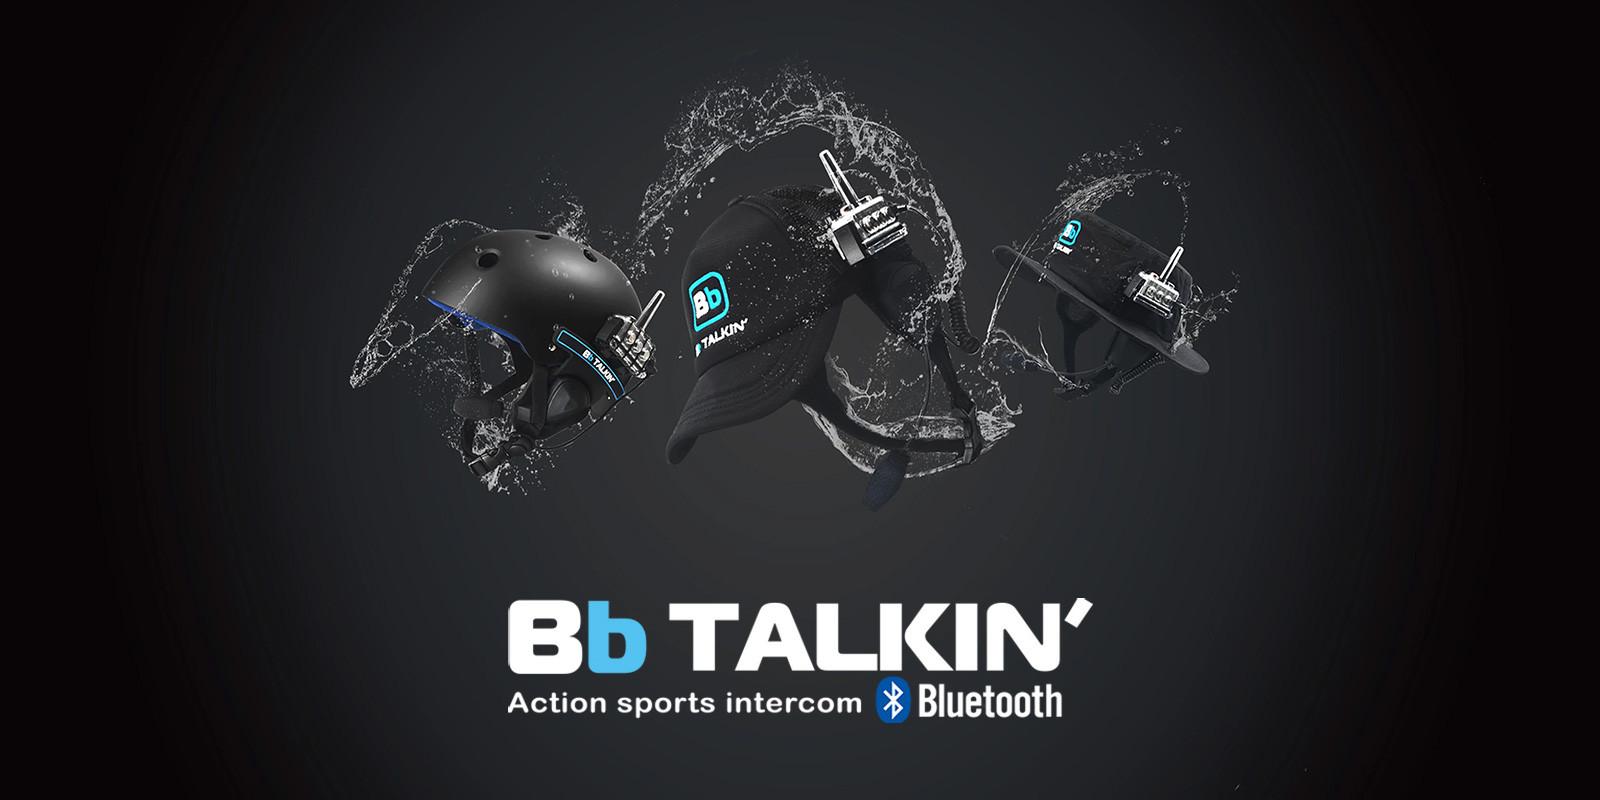 BbTalking